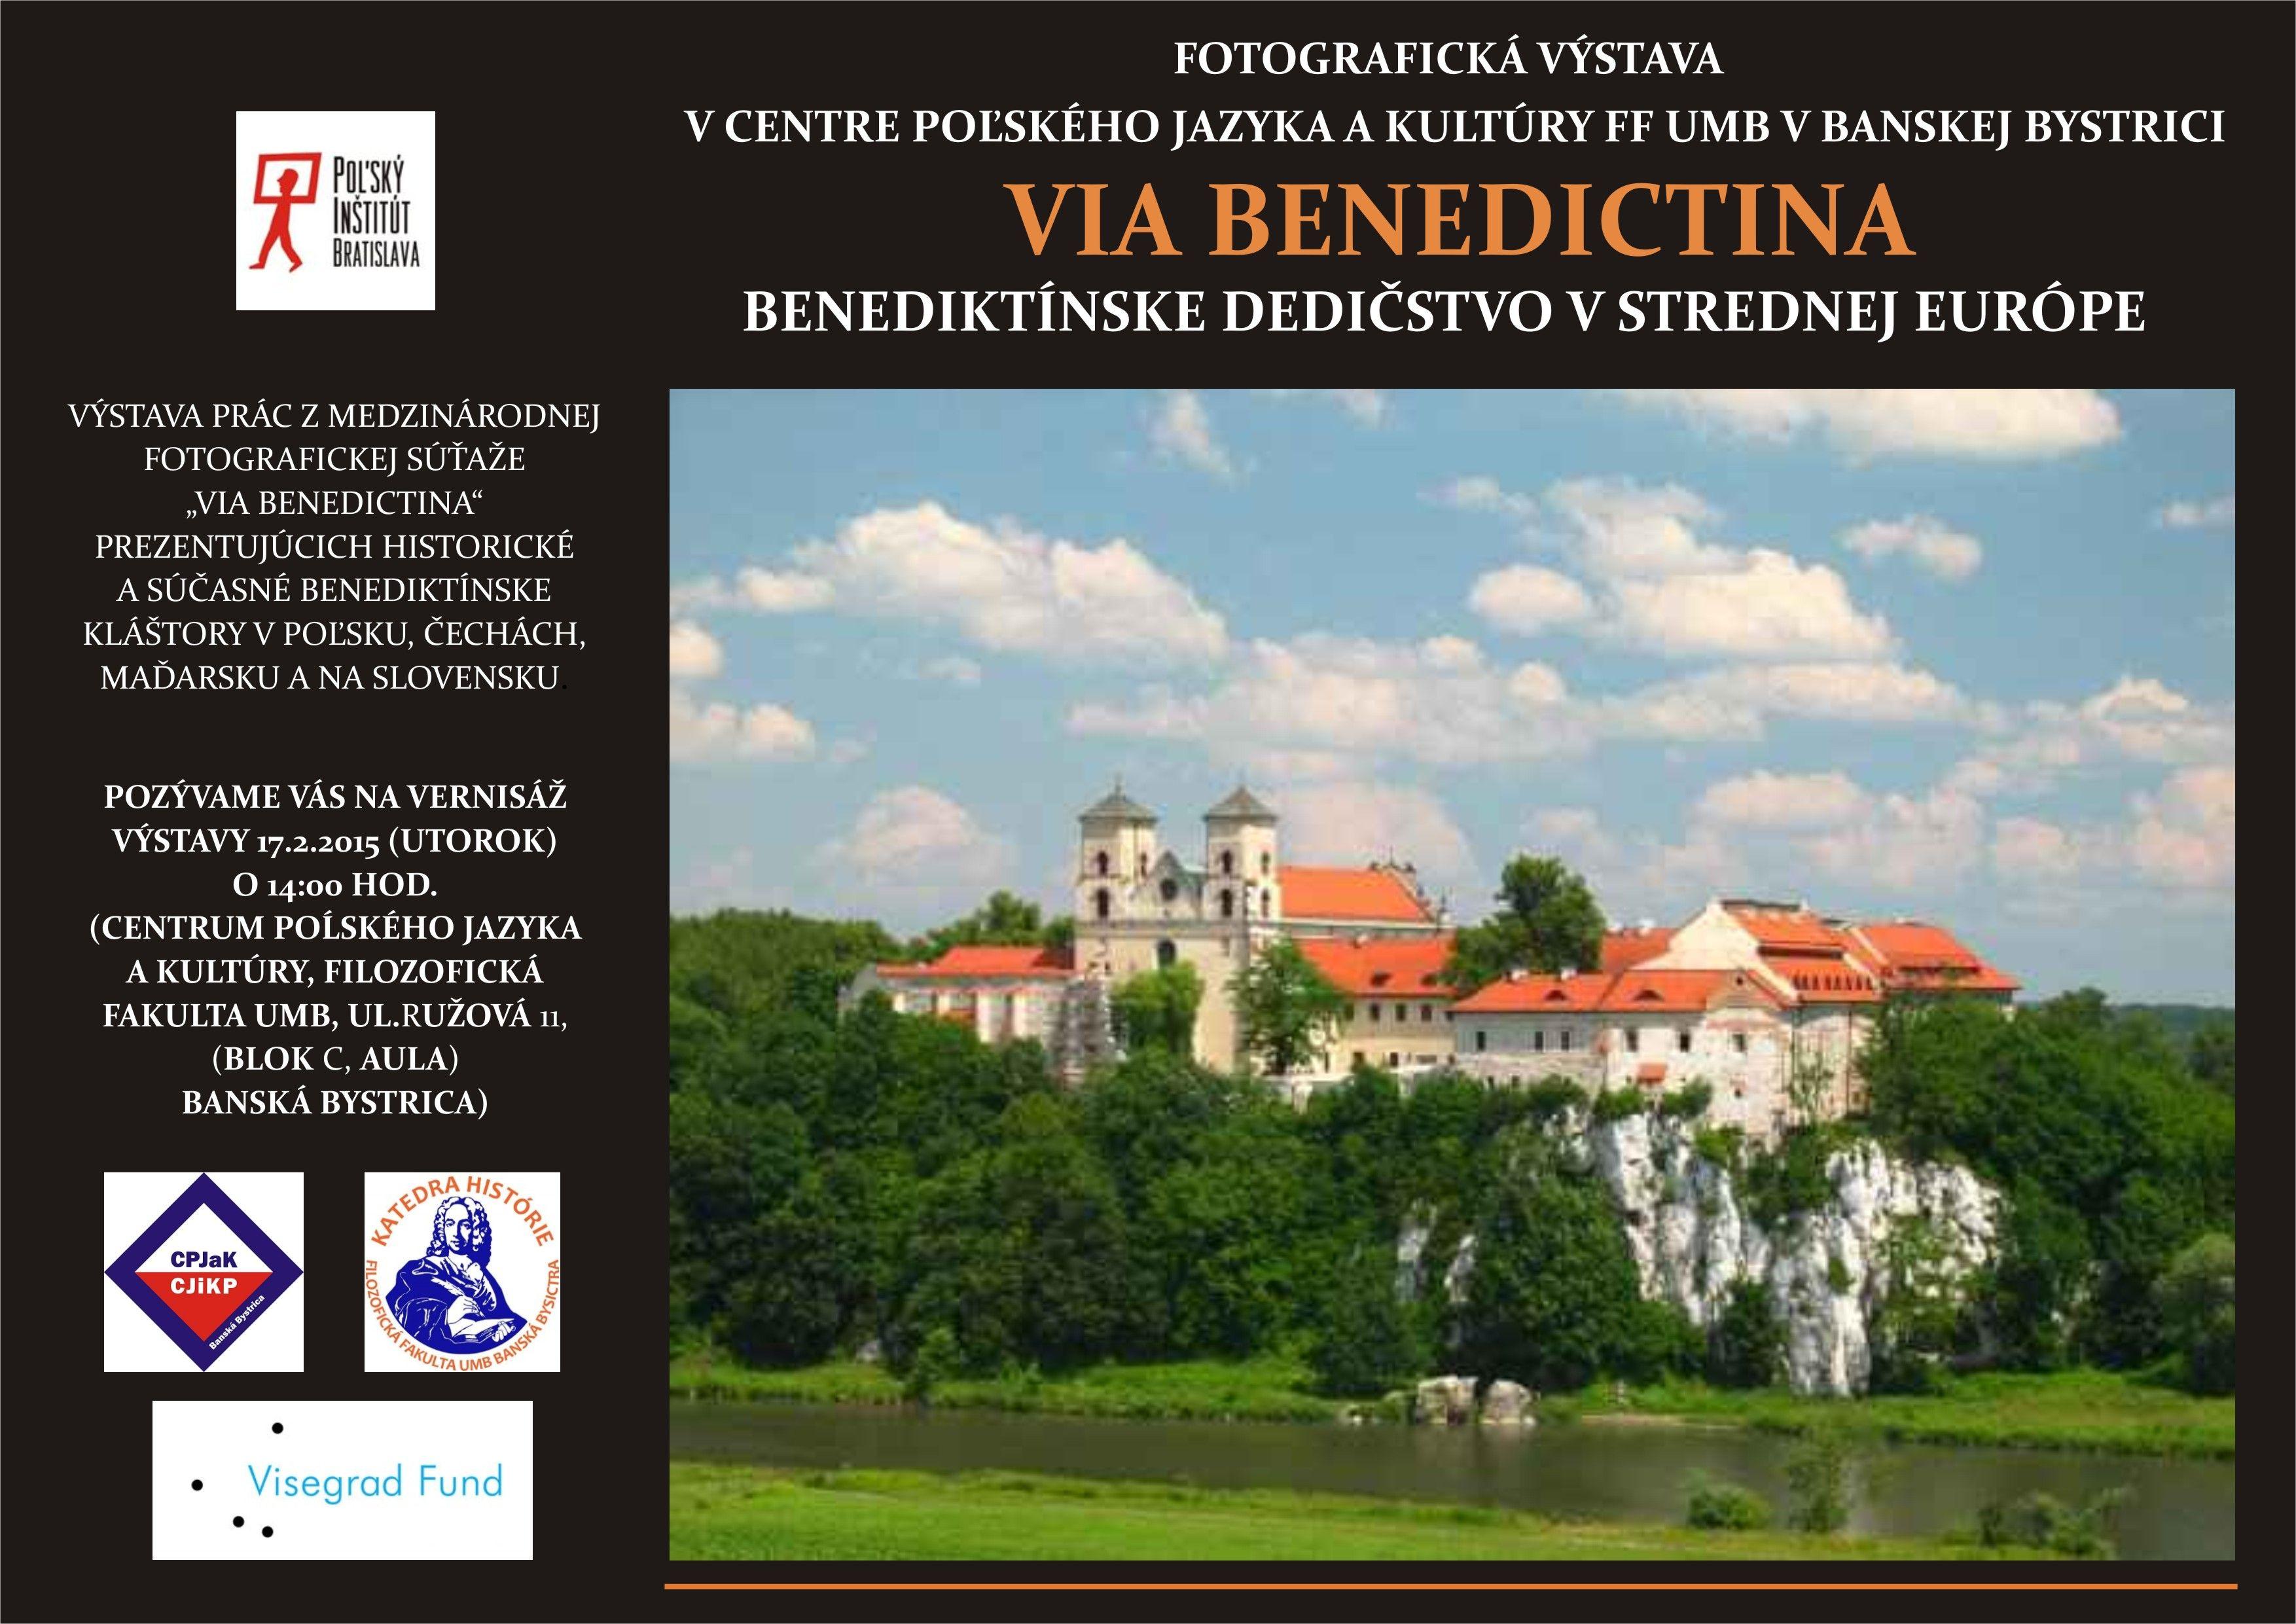 Benediktíni v strednej Európe - pozvánka na otvorenie výstavy